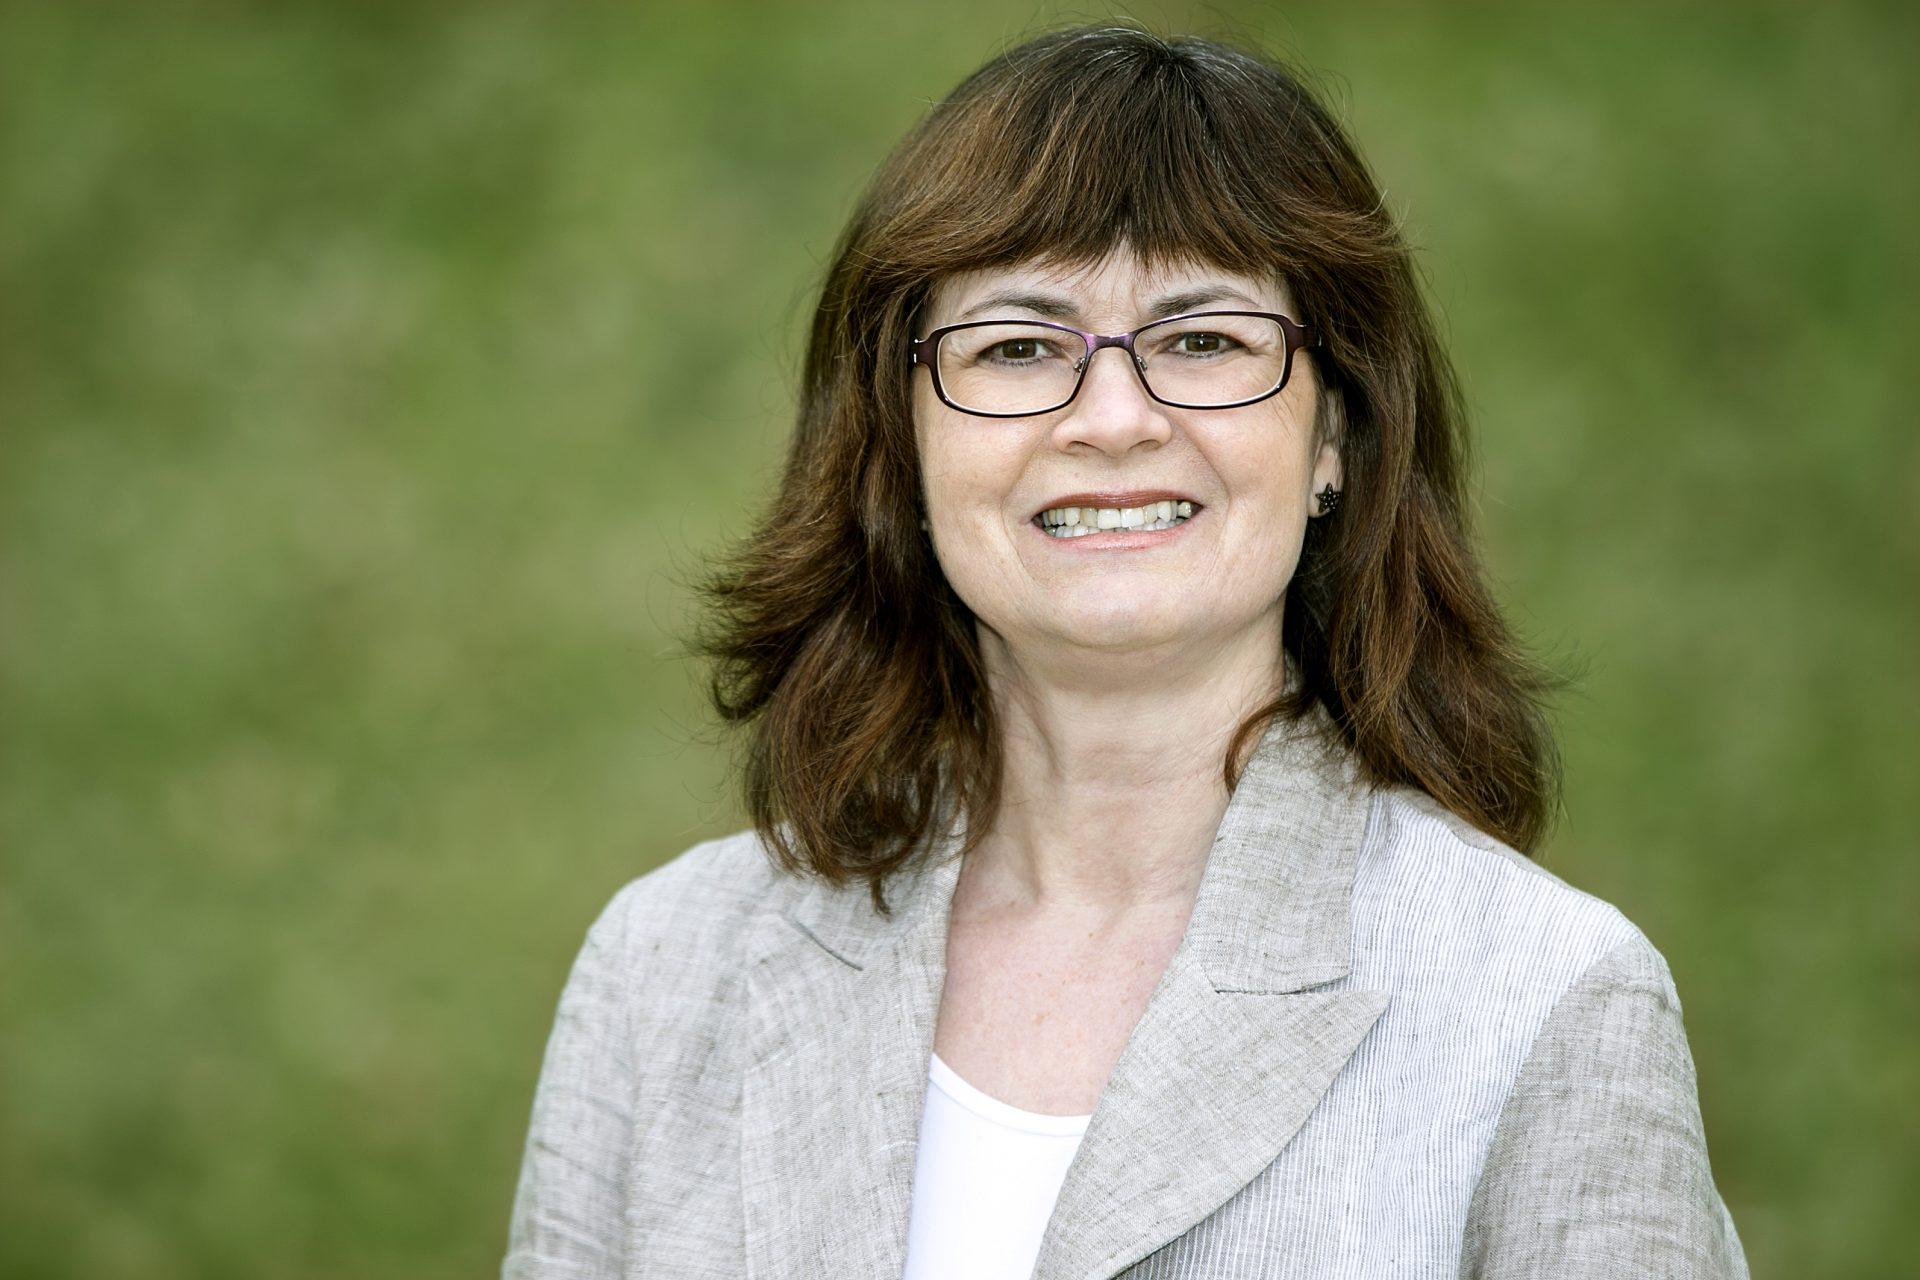 Venstre Horsens Marianne Nørmark